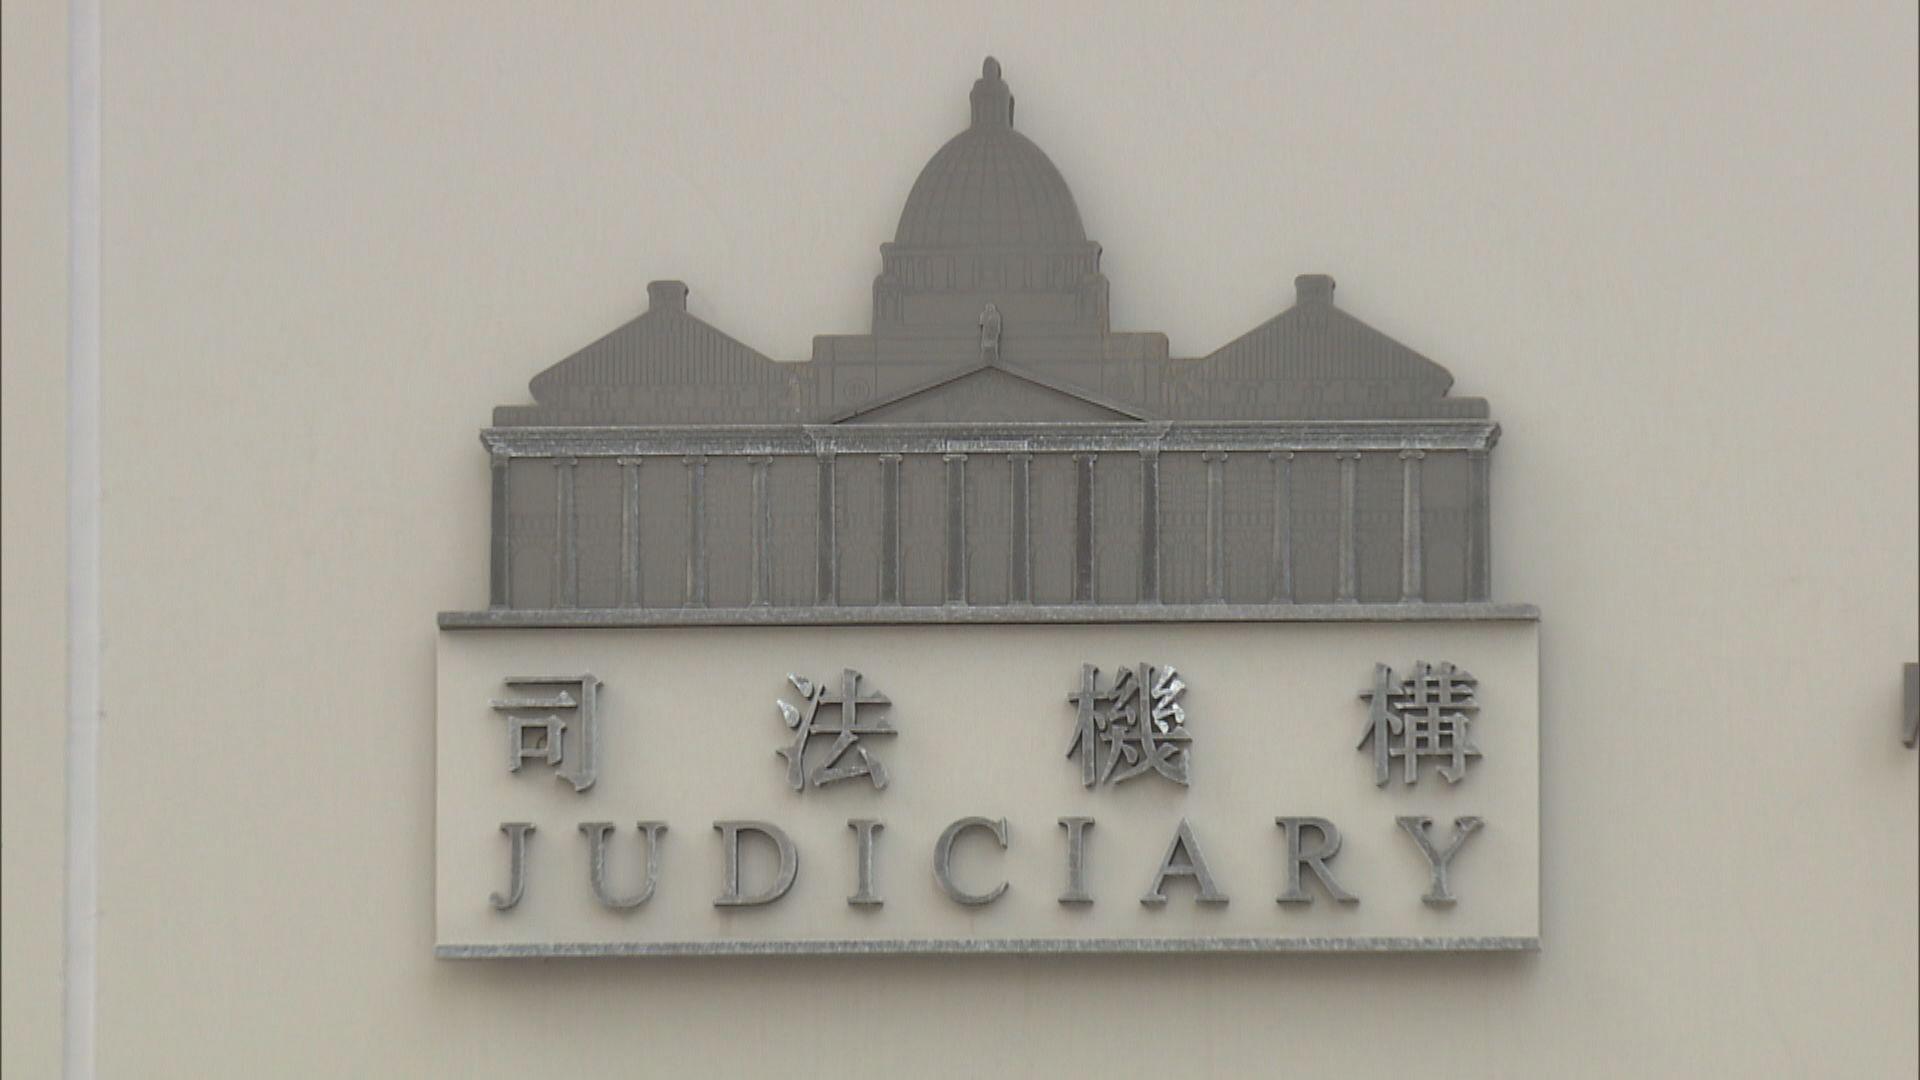 非法集結及暴動罪共同犯罪原則 獲批上訴至終院